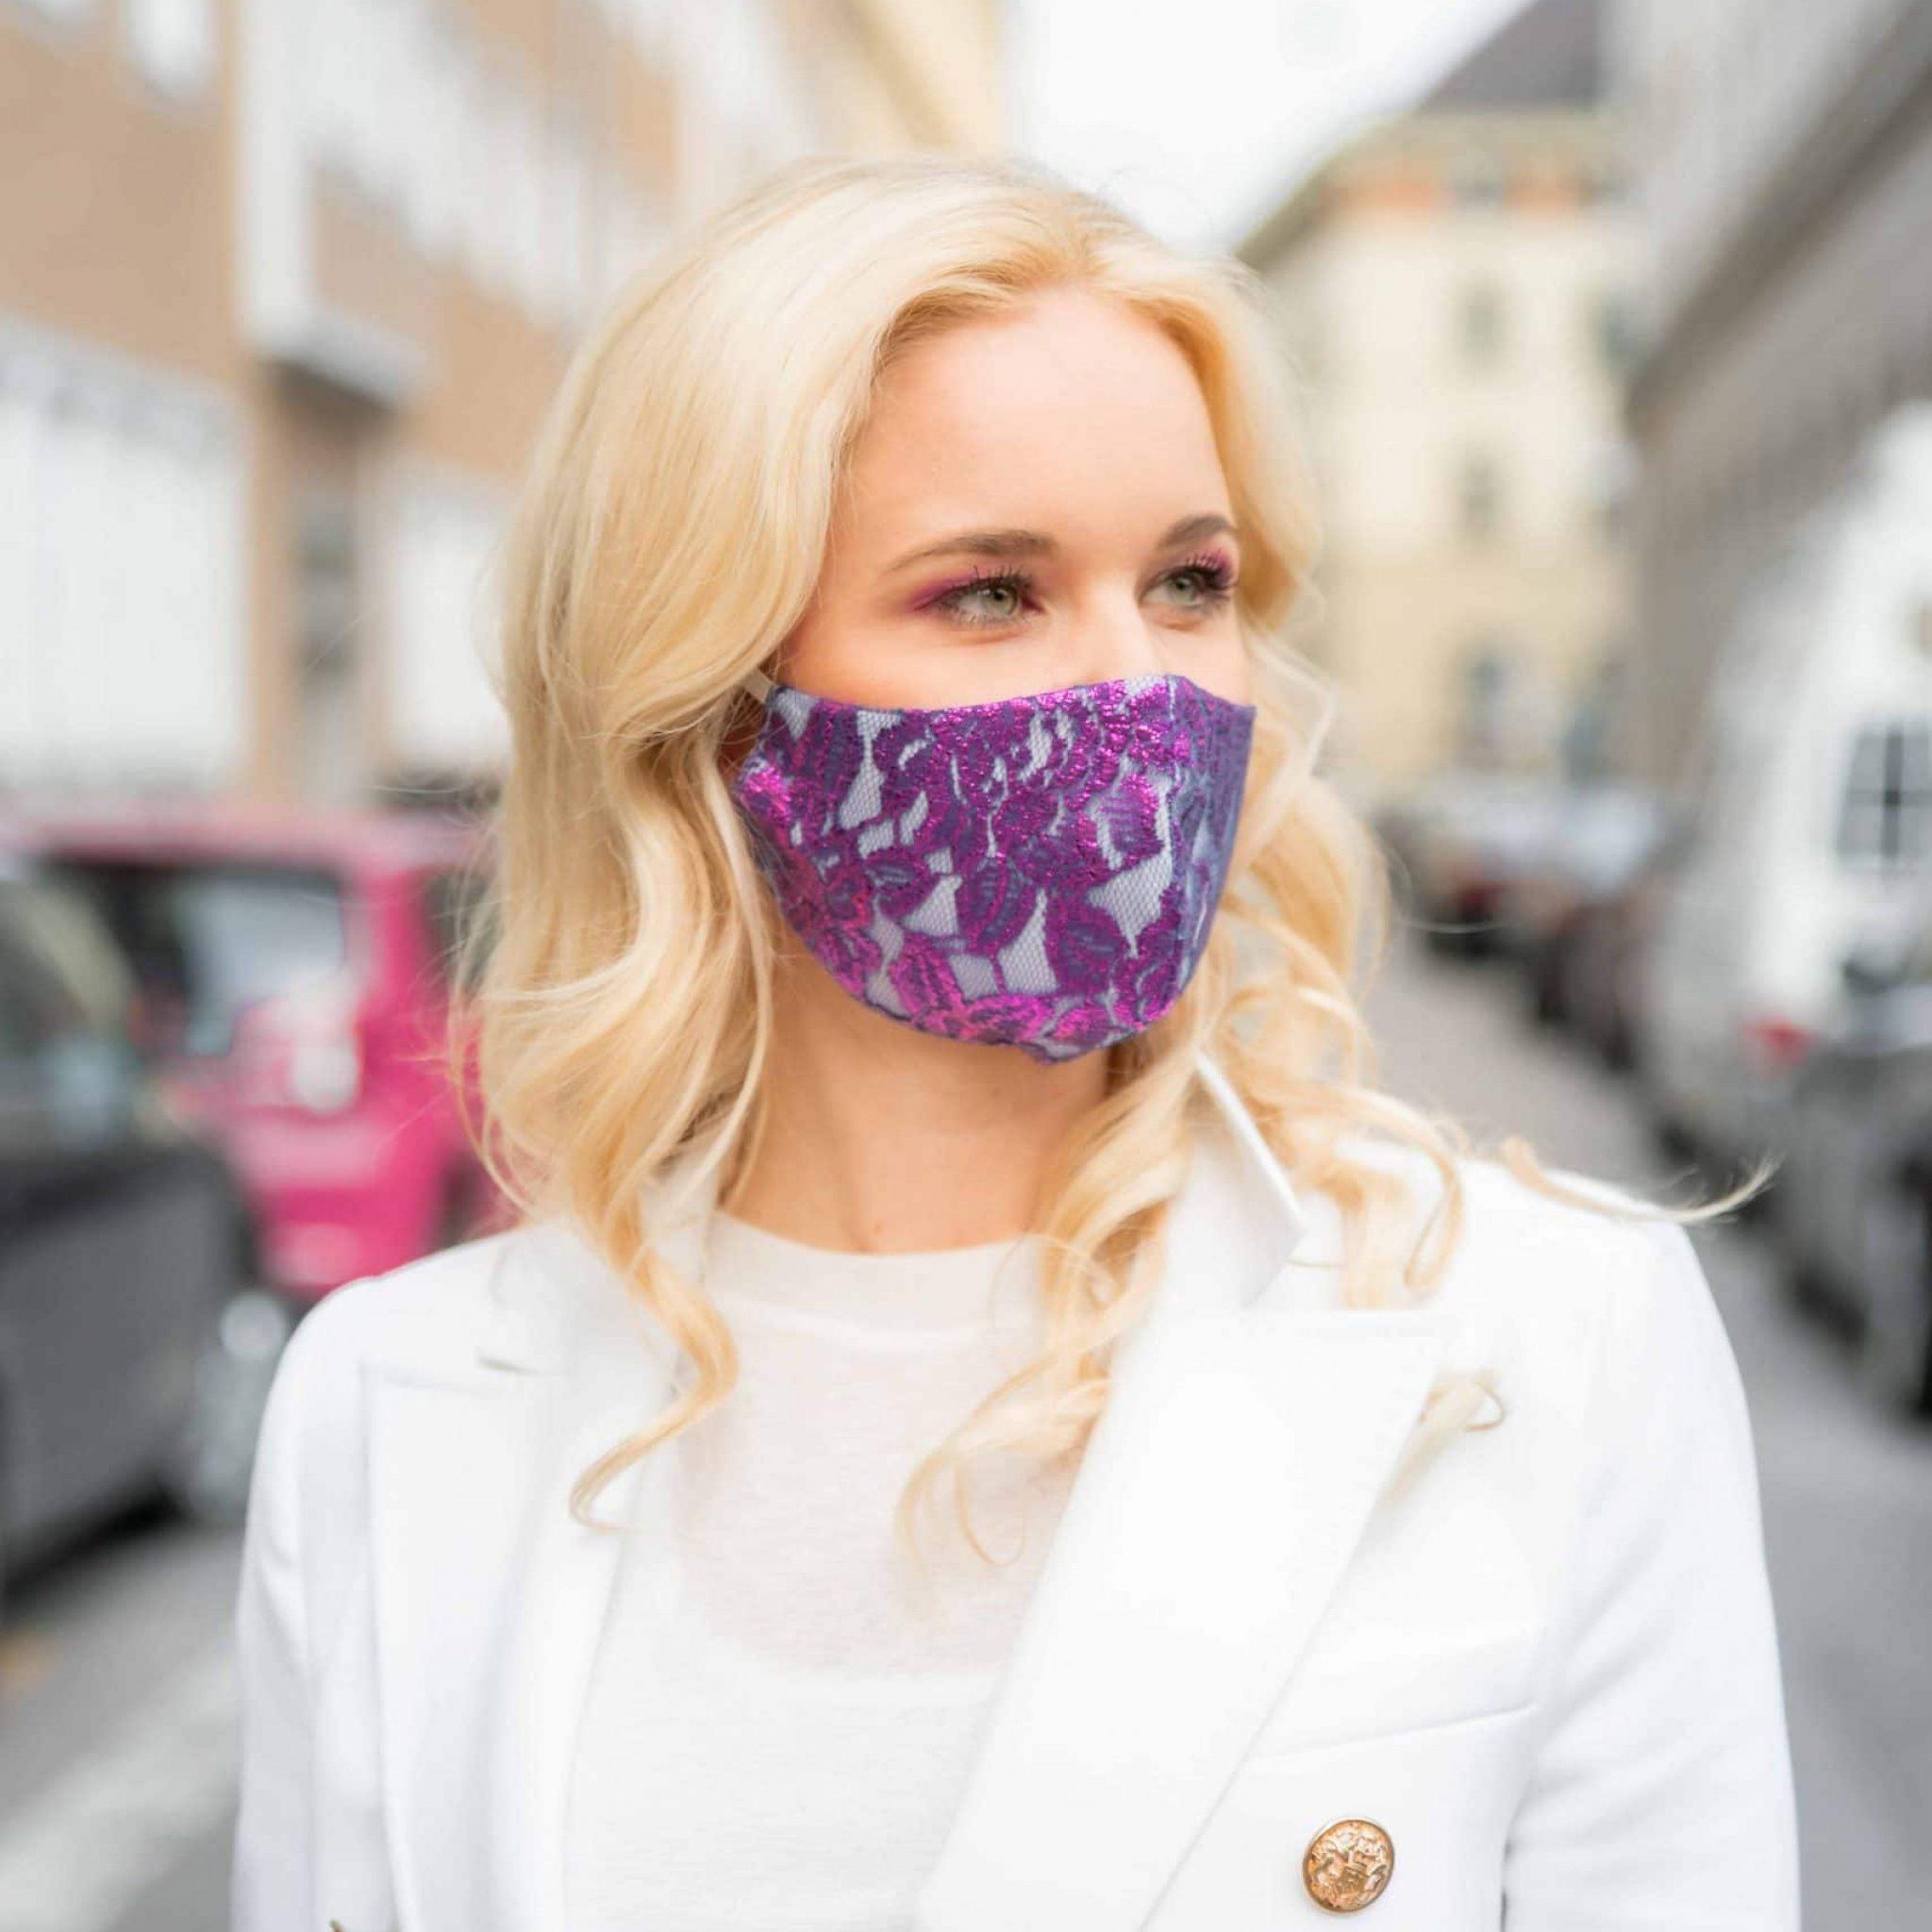 Portrait einer Frau mit edler spitzen Maske in der Stadt unterwegs, Smile for Change Maske, My Blossom, Produktfotografie, Lifestylefotografie, WINGMEN Media